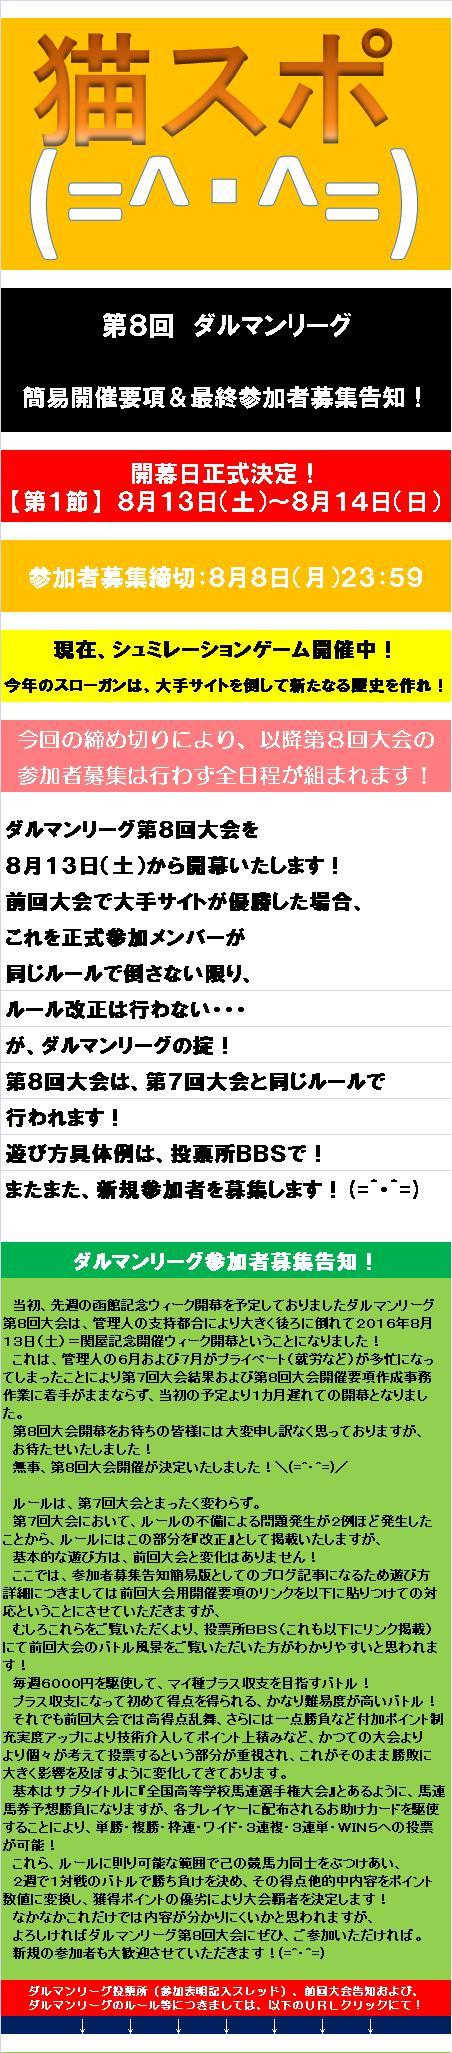 20160719・第8回ダルマンリーグ参加者募集告知①.jpg